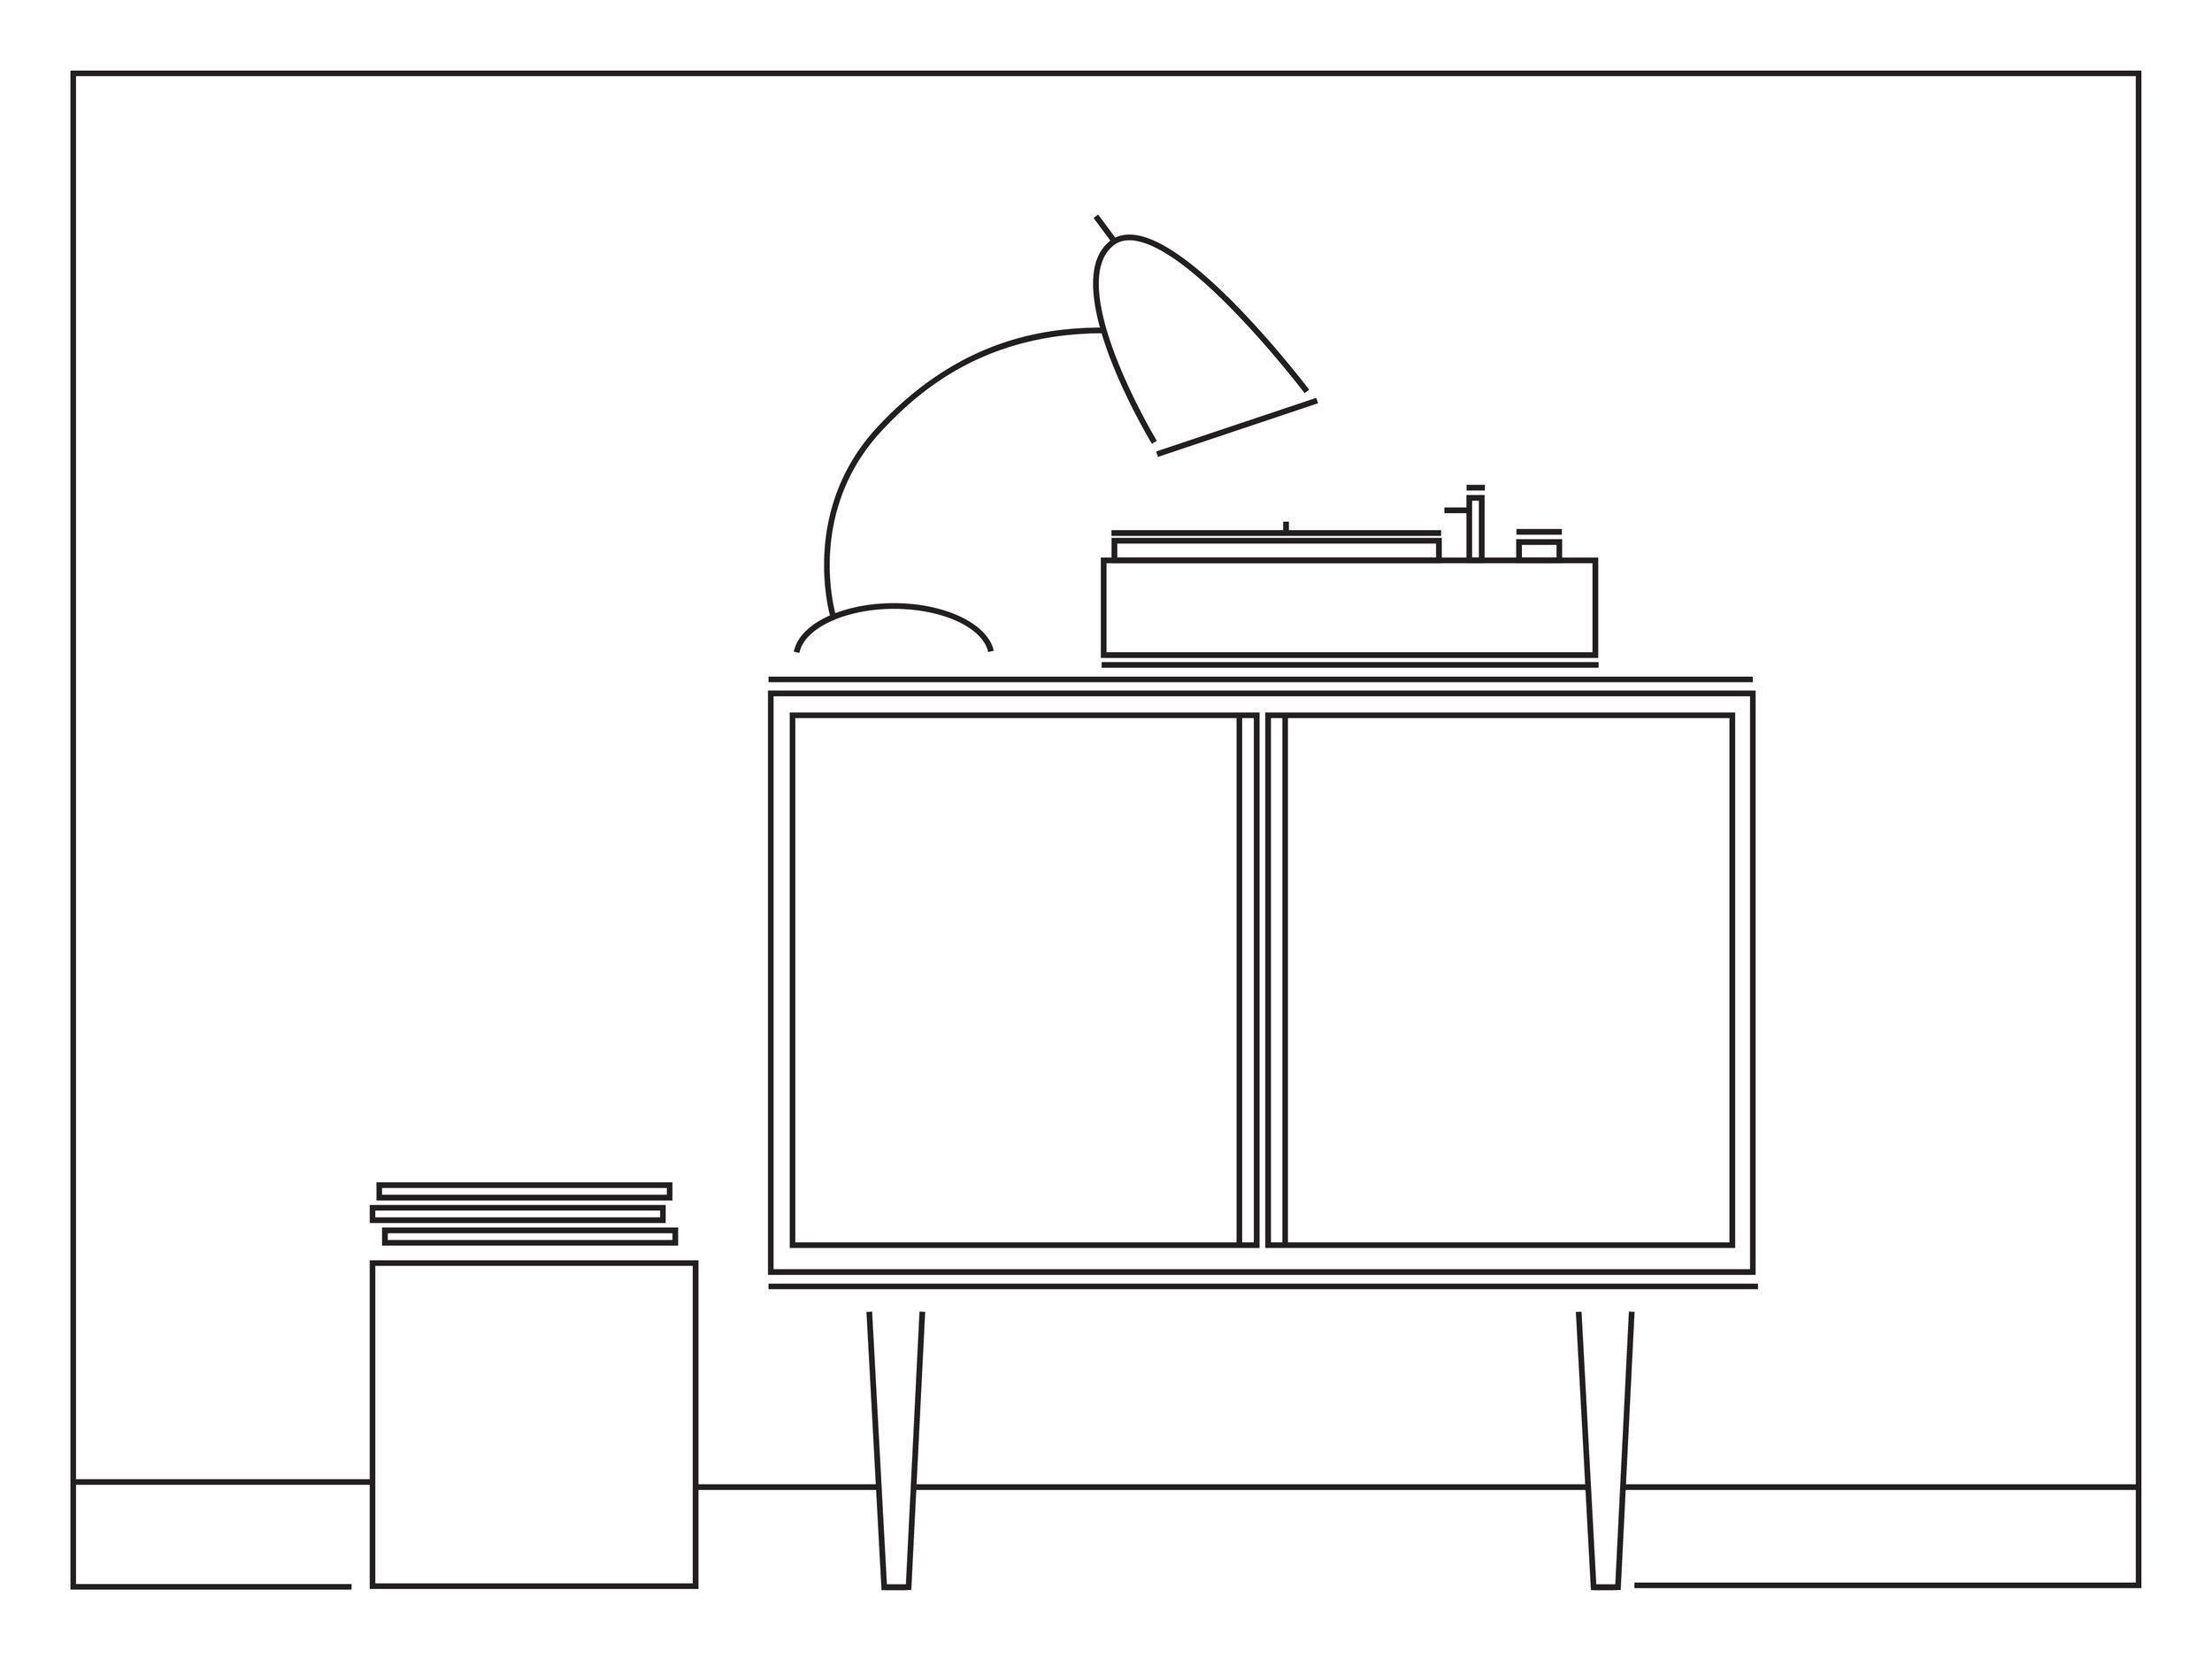 Rejuvenation-Illustrations-12.jpg